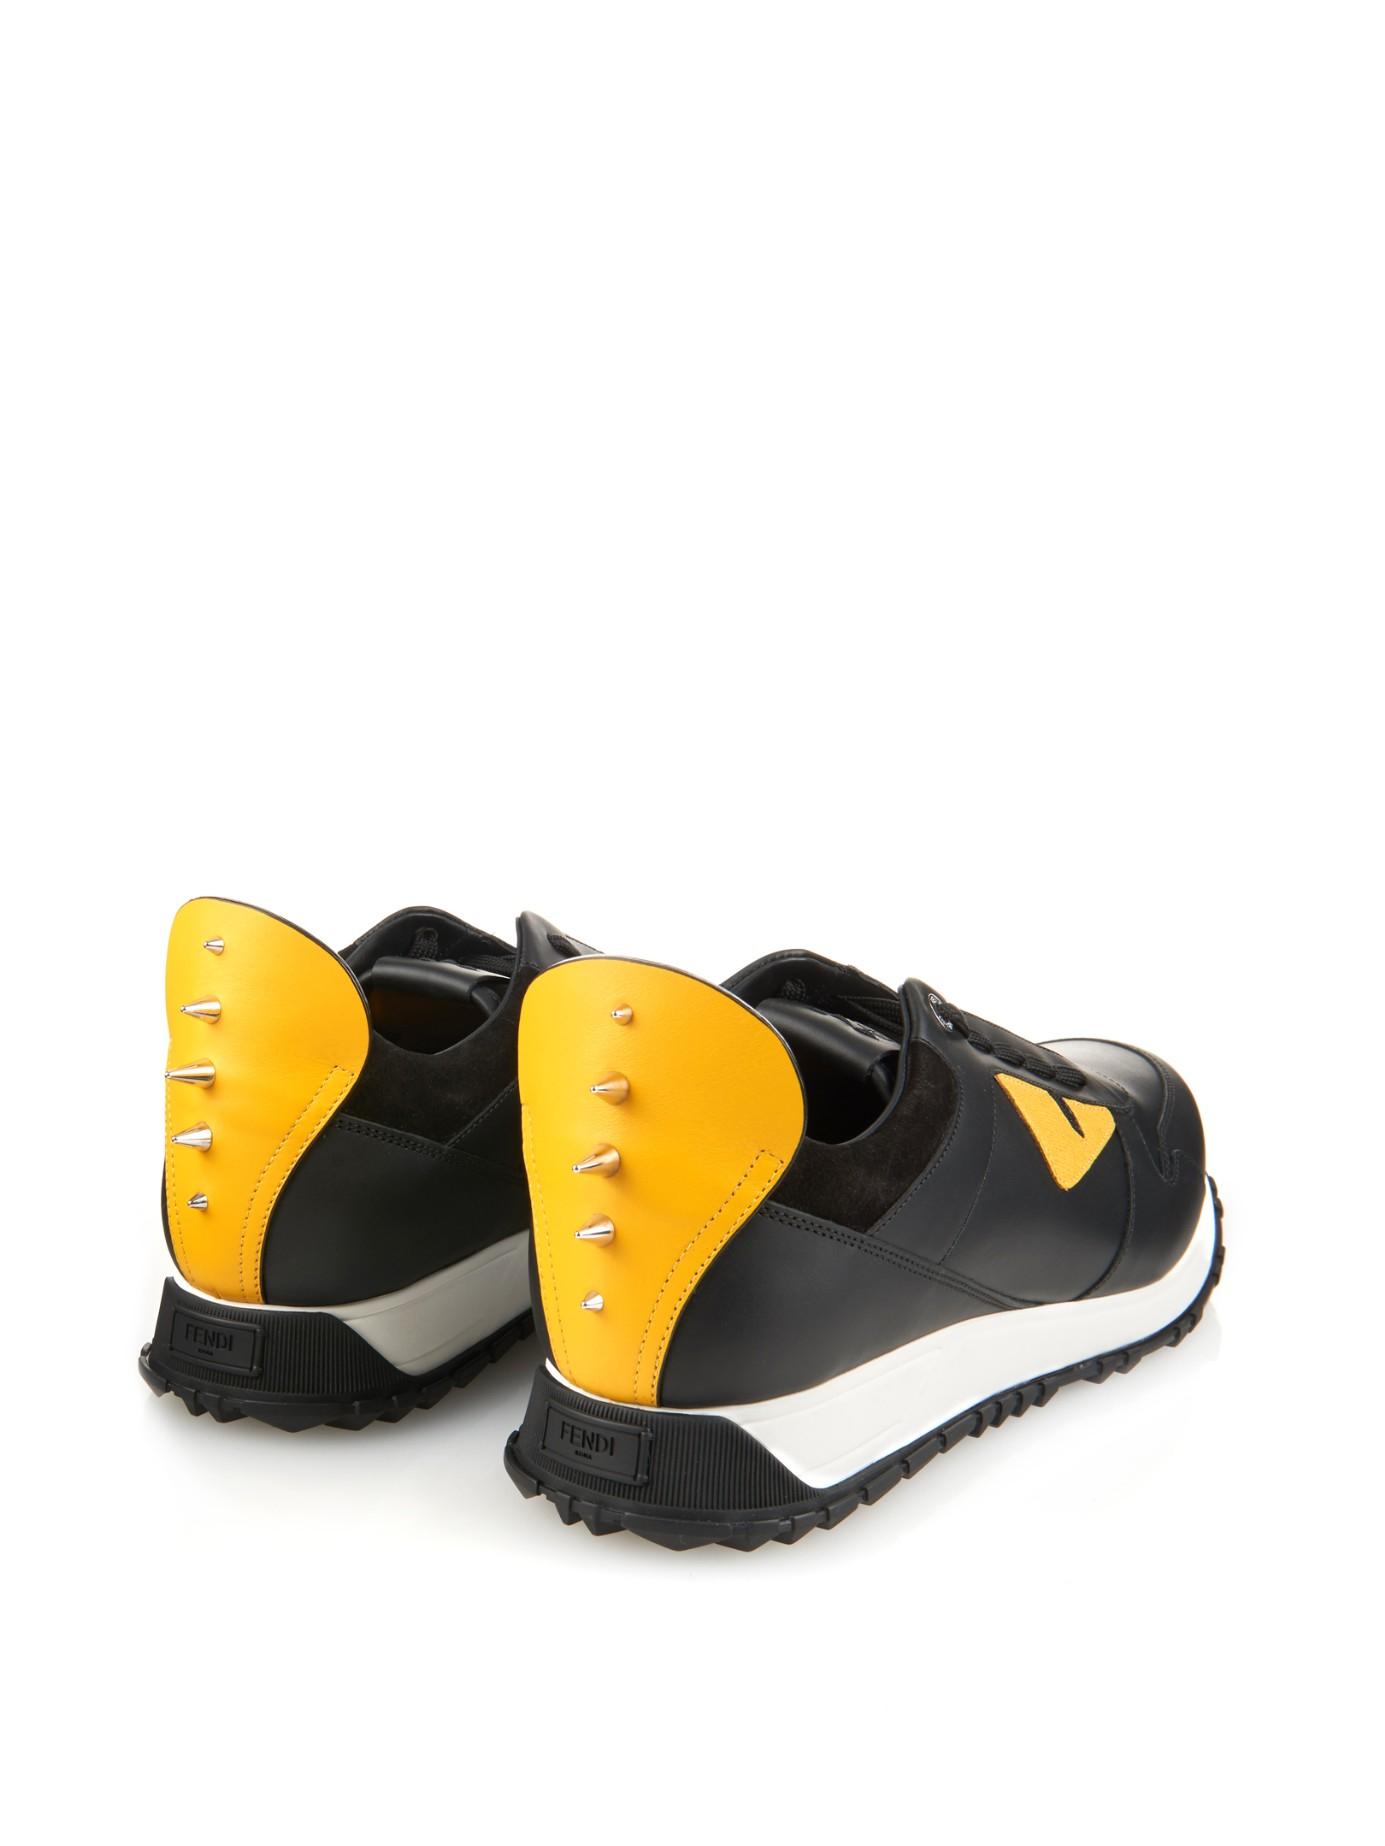 FendiMini 'Bag Bugs' Sneakers